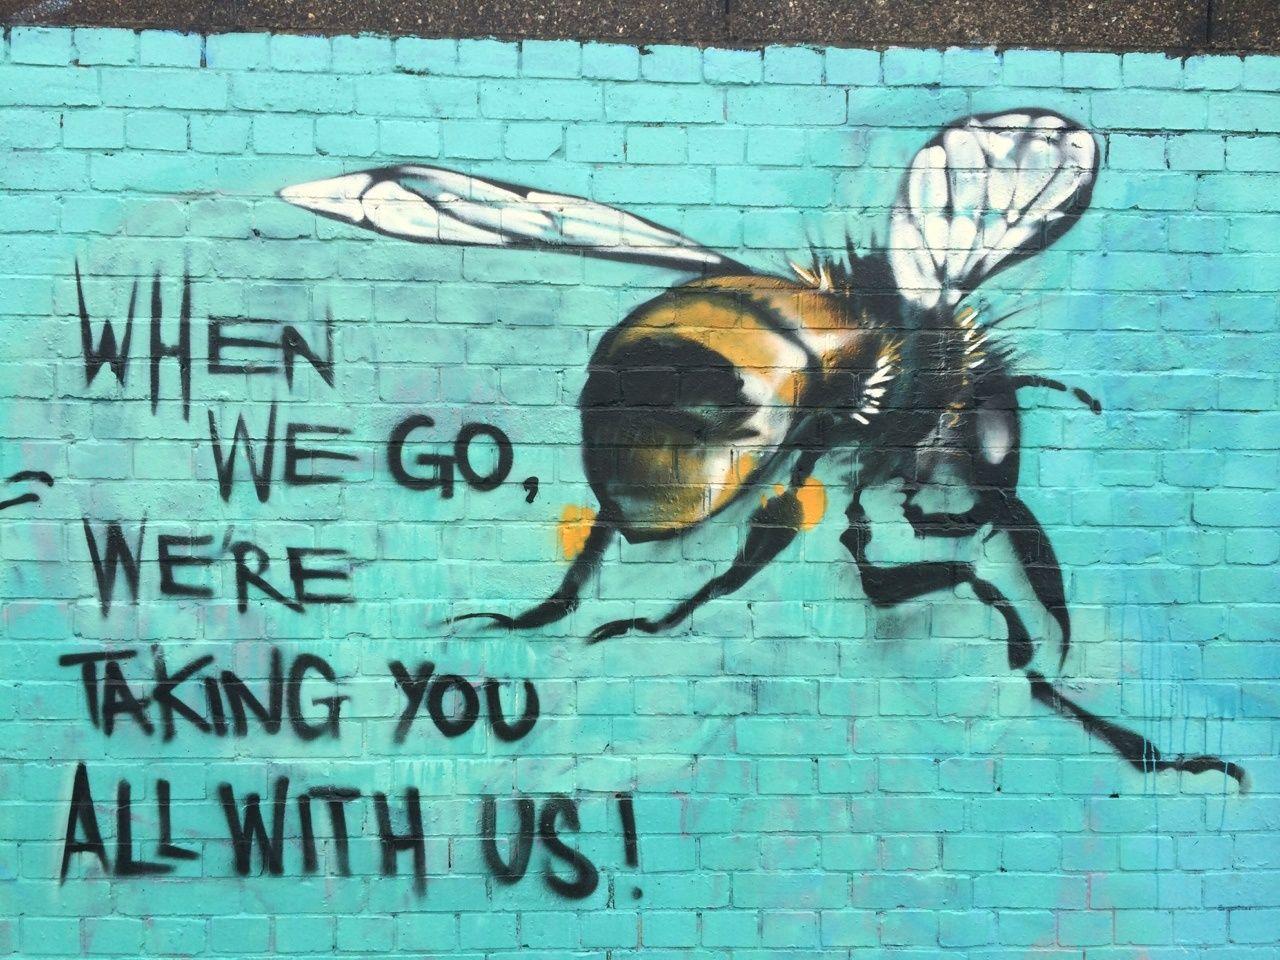 Graffiti art information - Bees